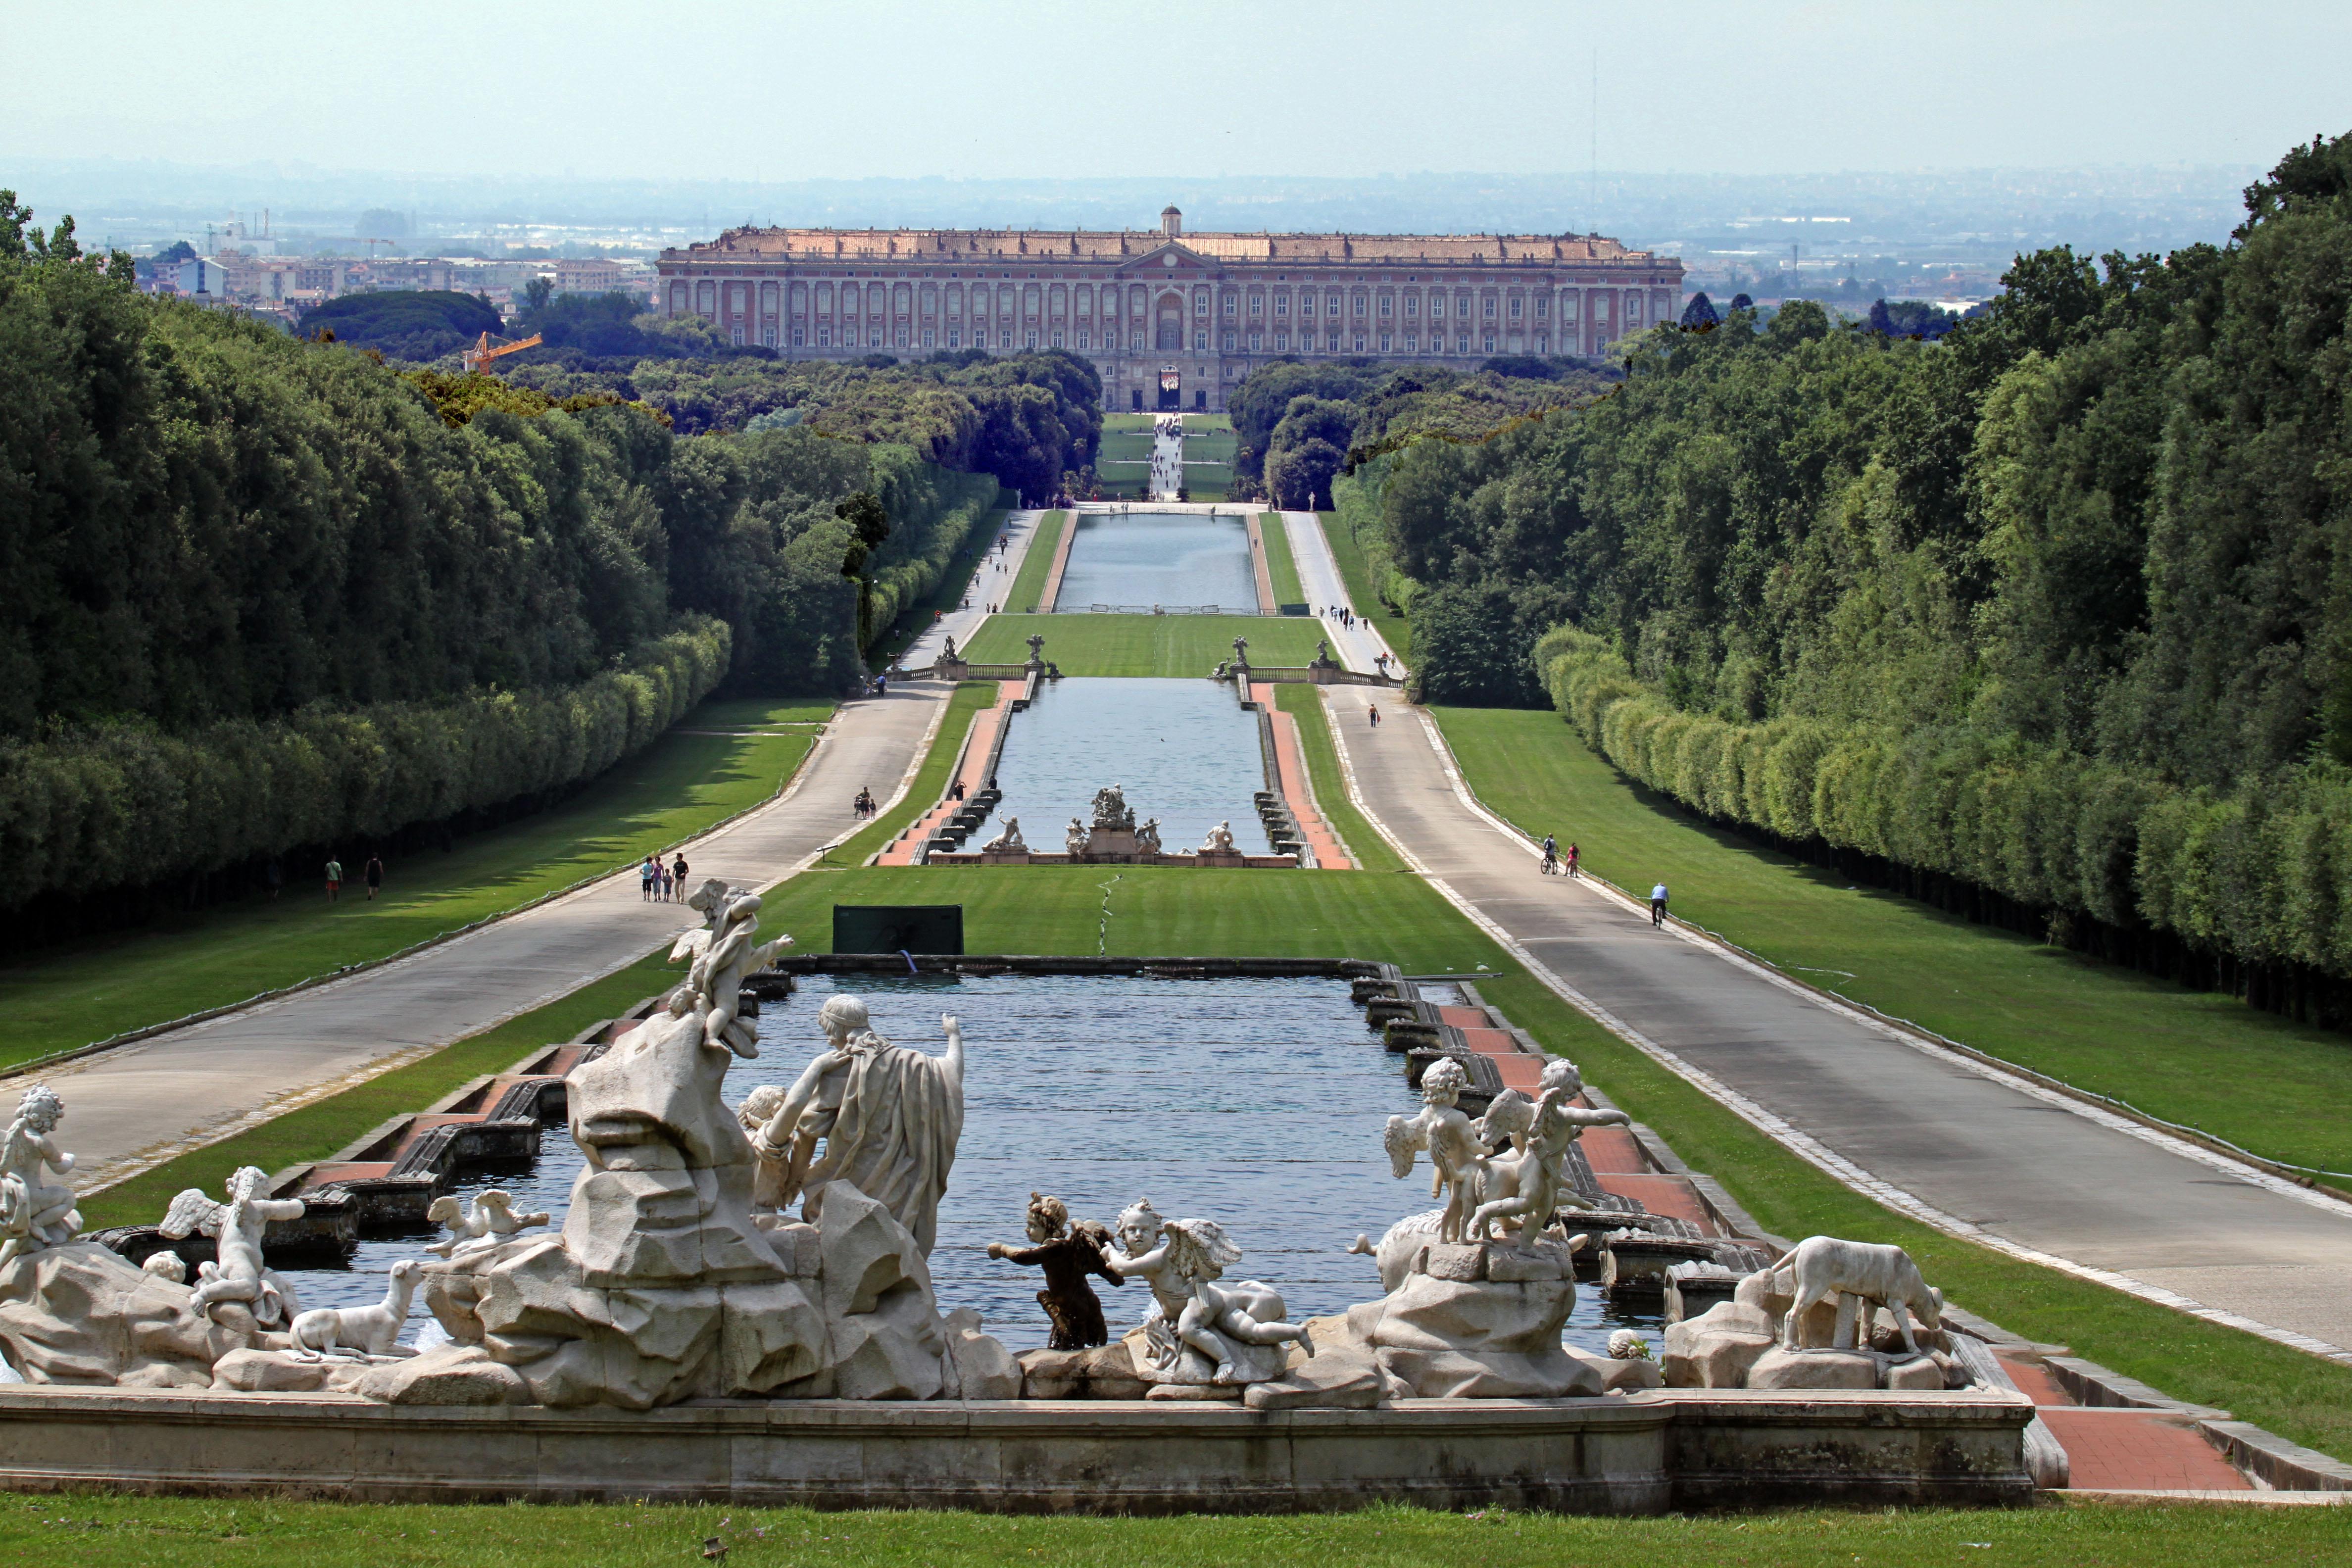 La reggia ha una superficie di 47.ooo m2, cinque piani e quattro cortili interni. Royal Palace Of Caserta Wikipedia